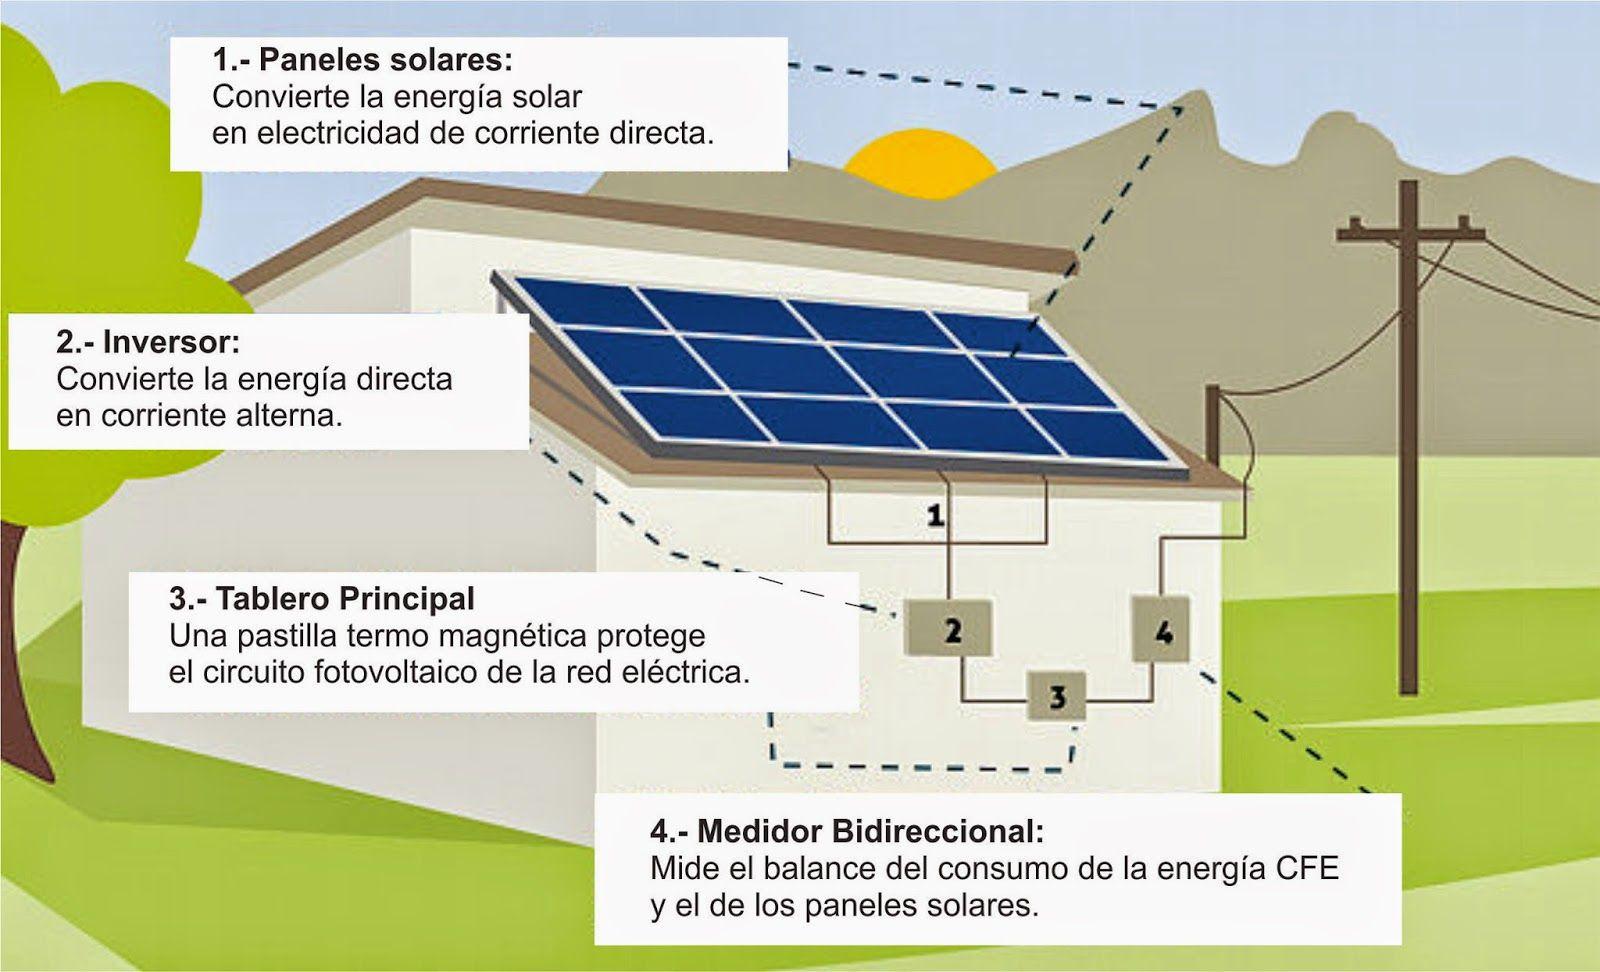 Paneles solares en casa arquitectura pinterest panel for Montar placas solares en casa